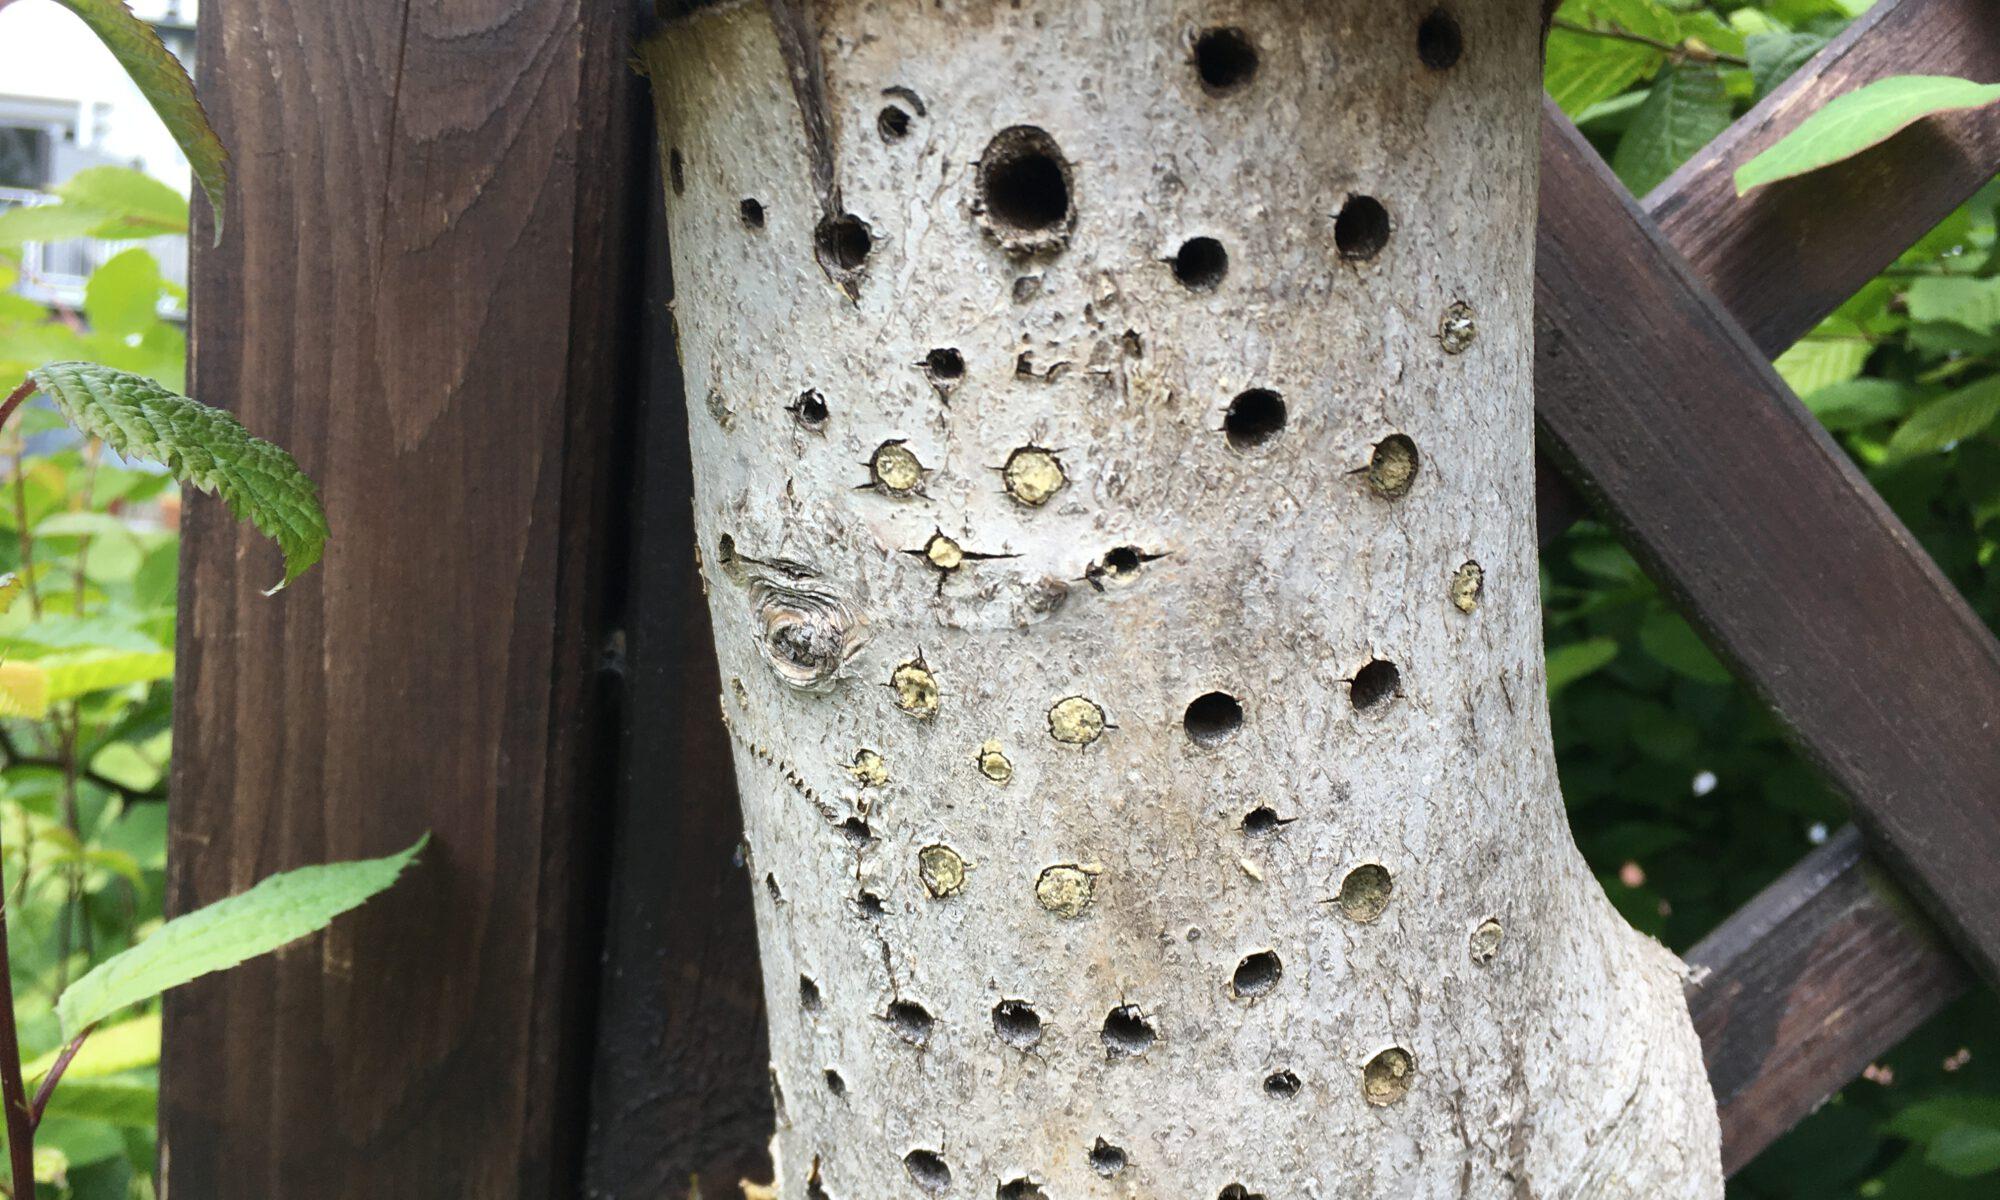 Nisthilfe aus Hartholz